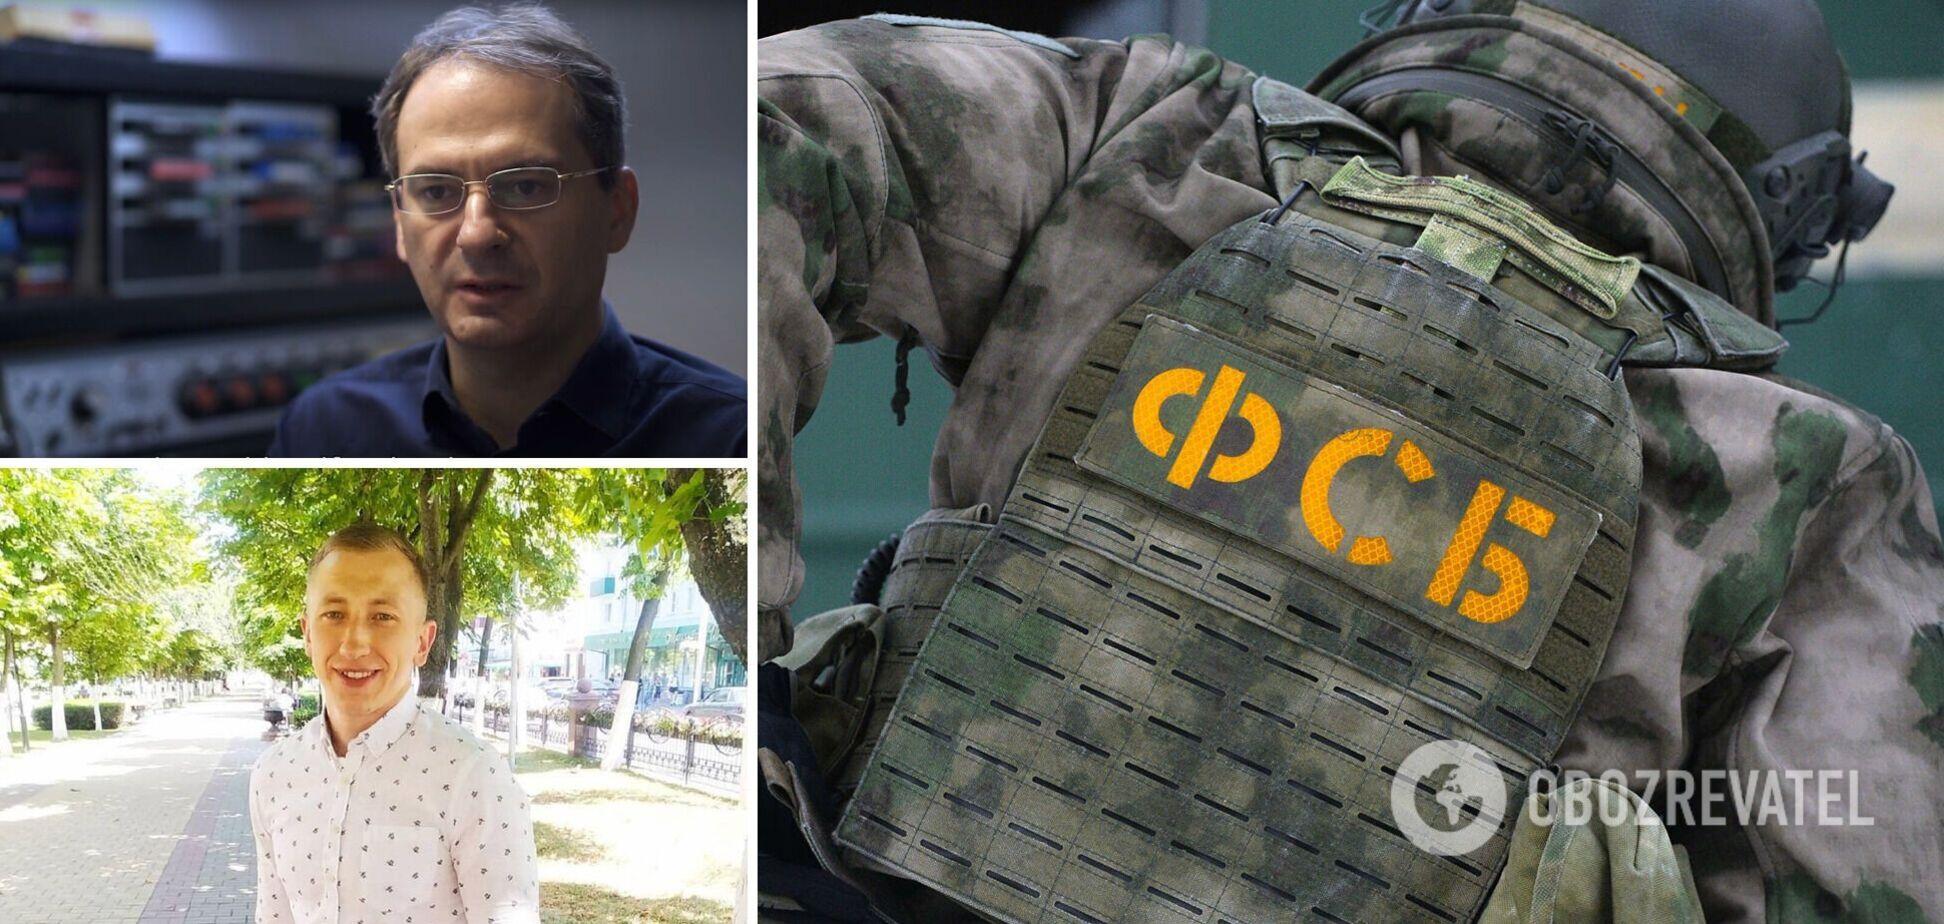 Расследователь Bellingcat – о гибели Шишова: в Киеве присутствуют сотрудники ФСБ. Видео